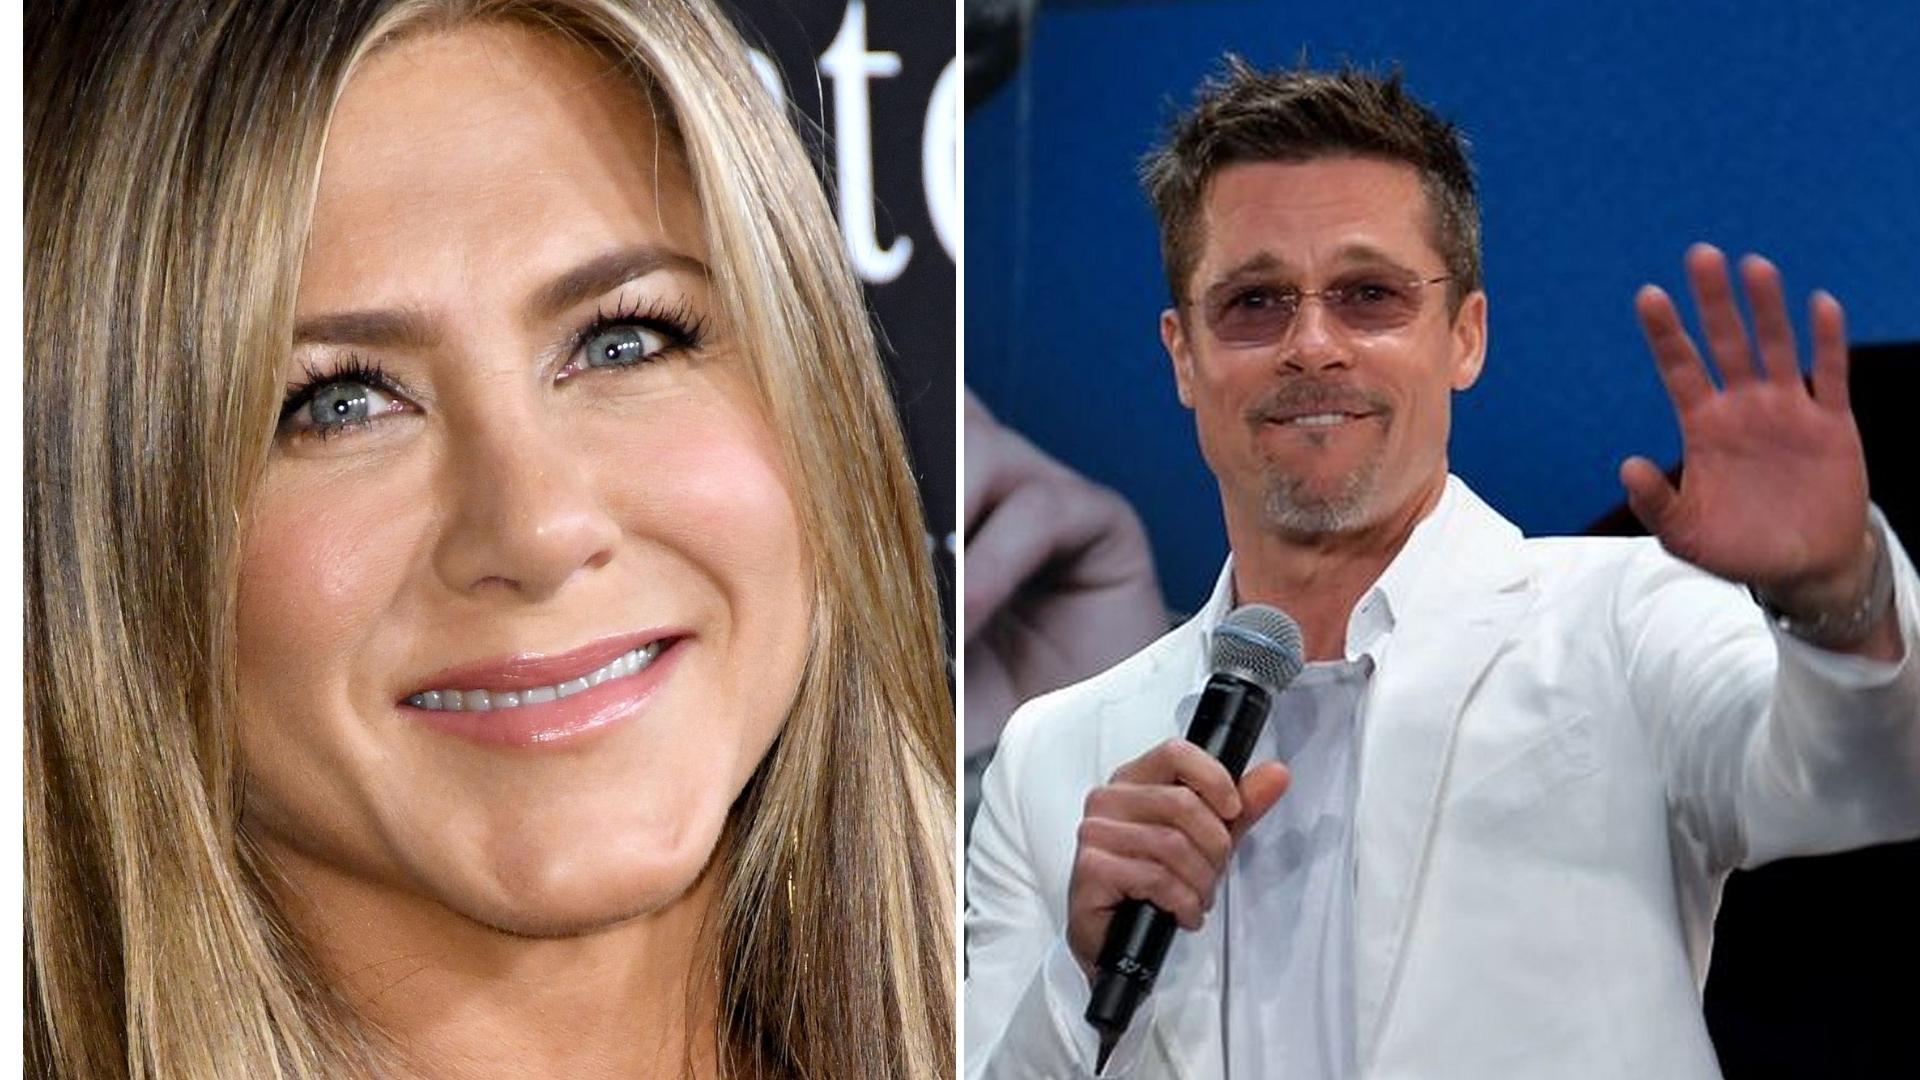 Szokujące informacje na temat RELACJI Brada i Jennifer! To może ZADZIWIĆ